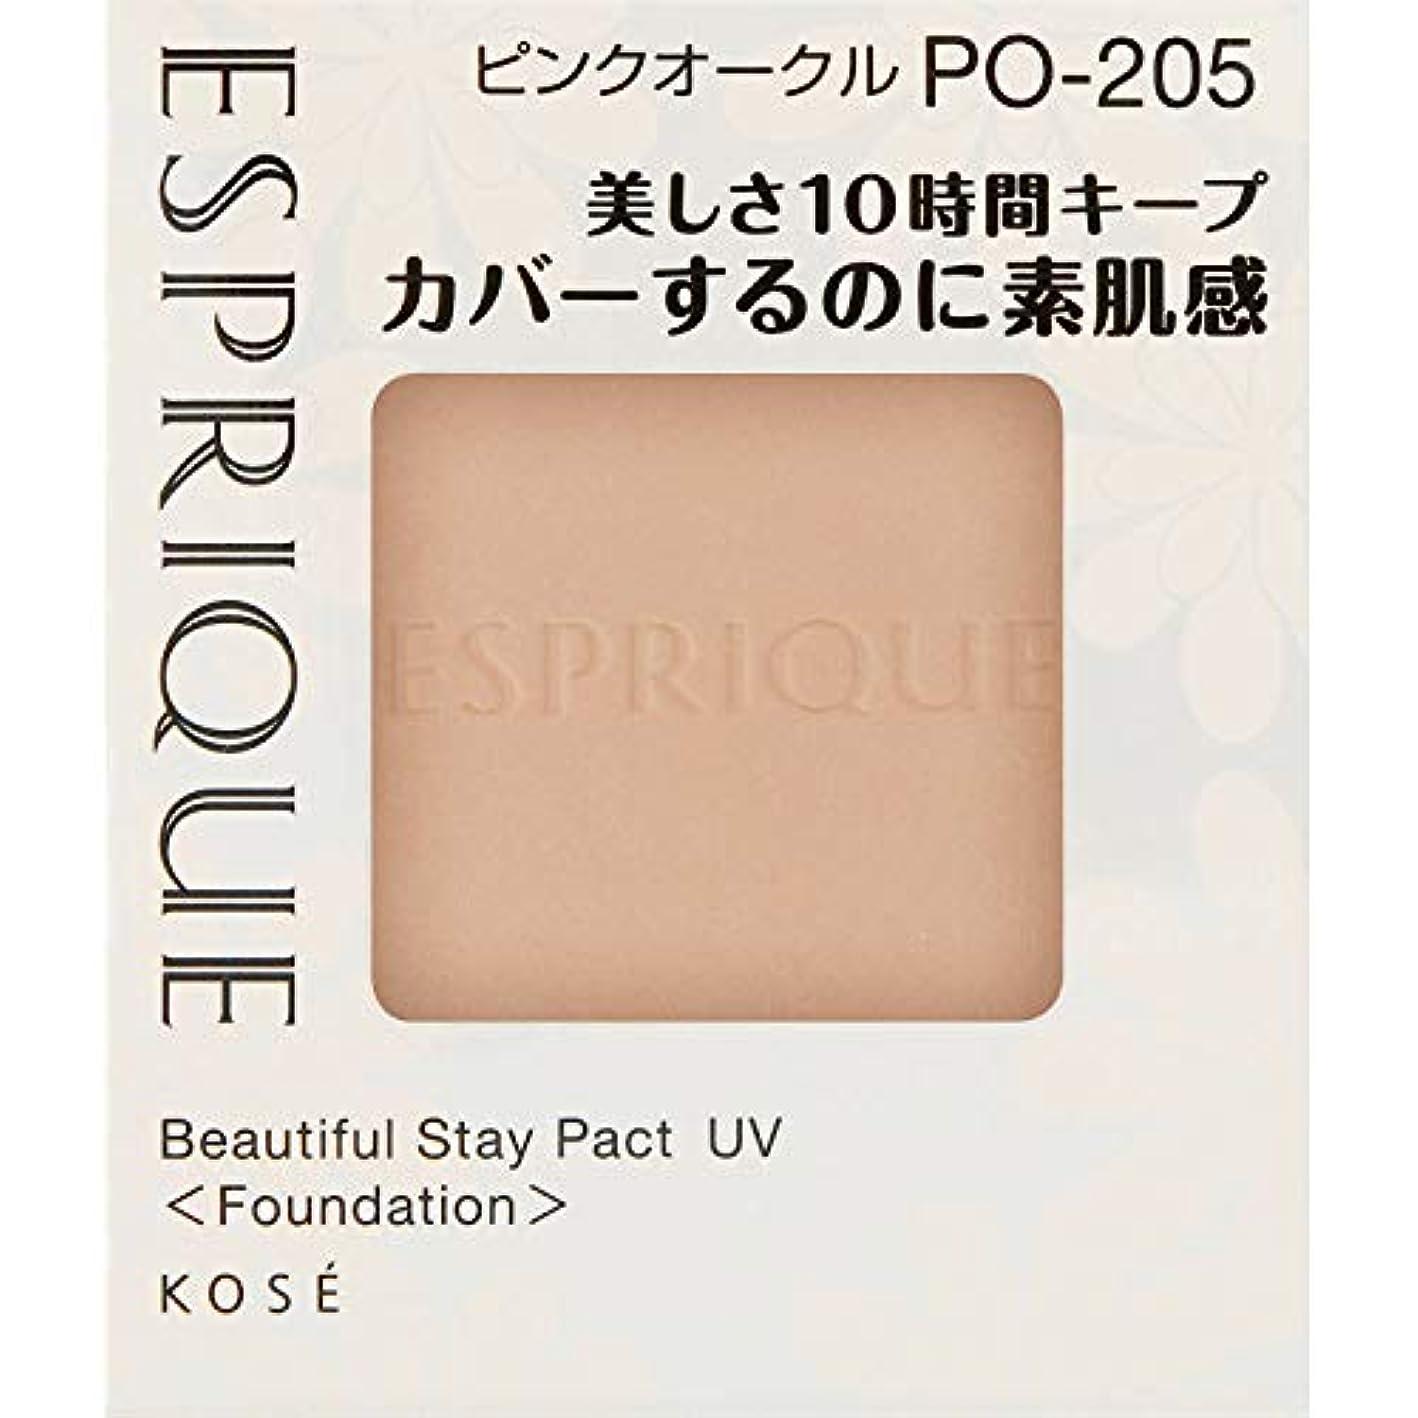 精度朝シネマエスプリーク カバーするのに素肌感持続 パクト UV PO-205 ピンクオークル 9.3g